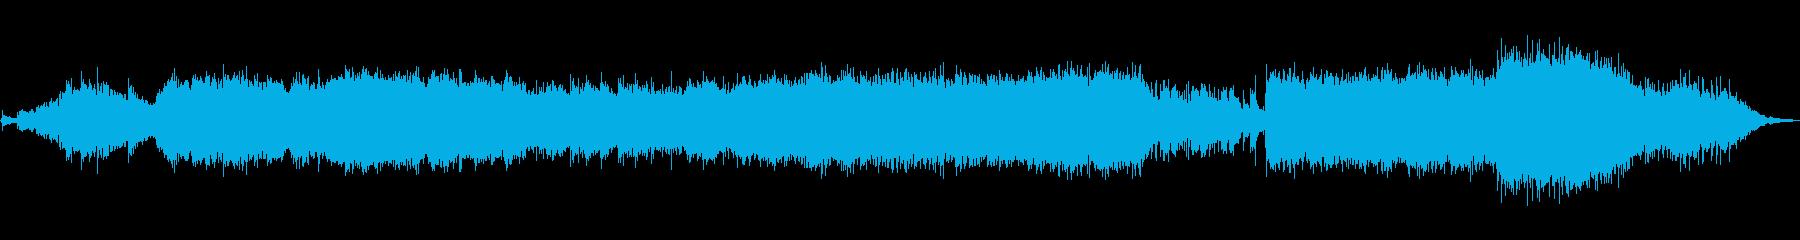 冒険的な中東の音楽。ドキュメンタリ...の再生済みの波形